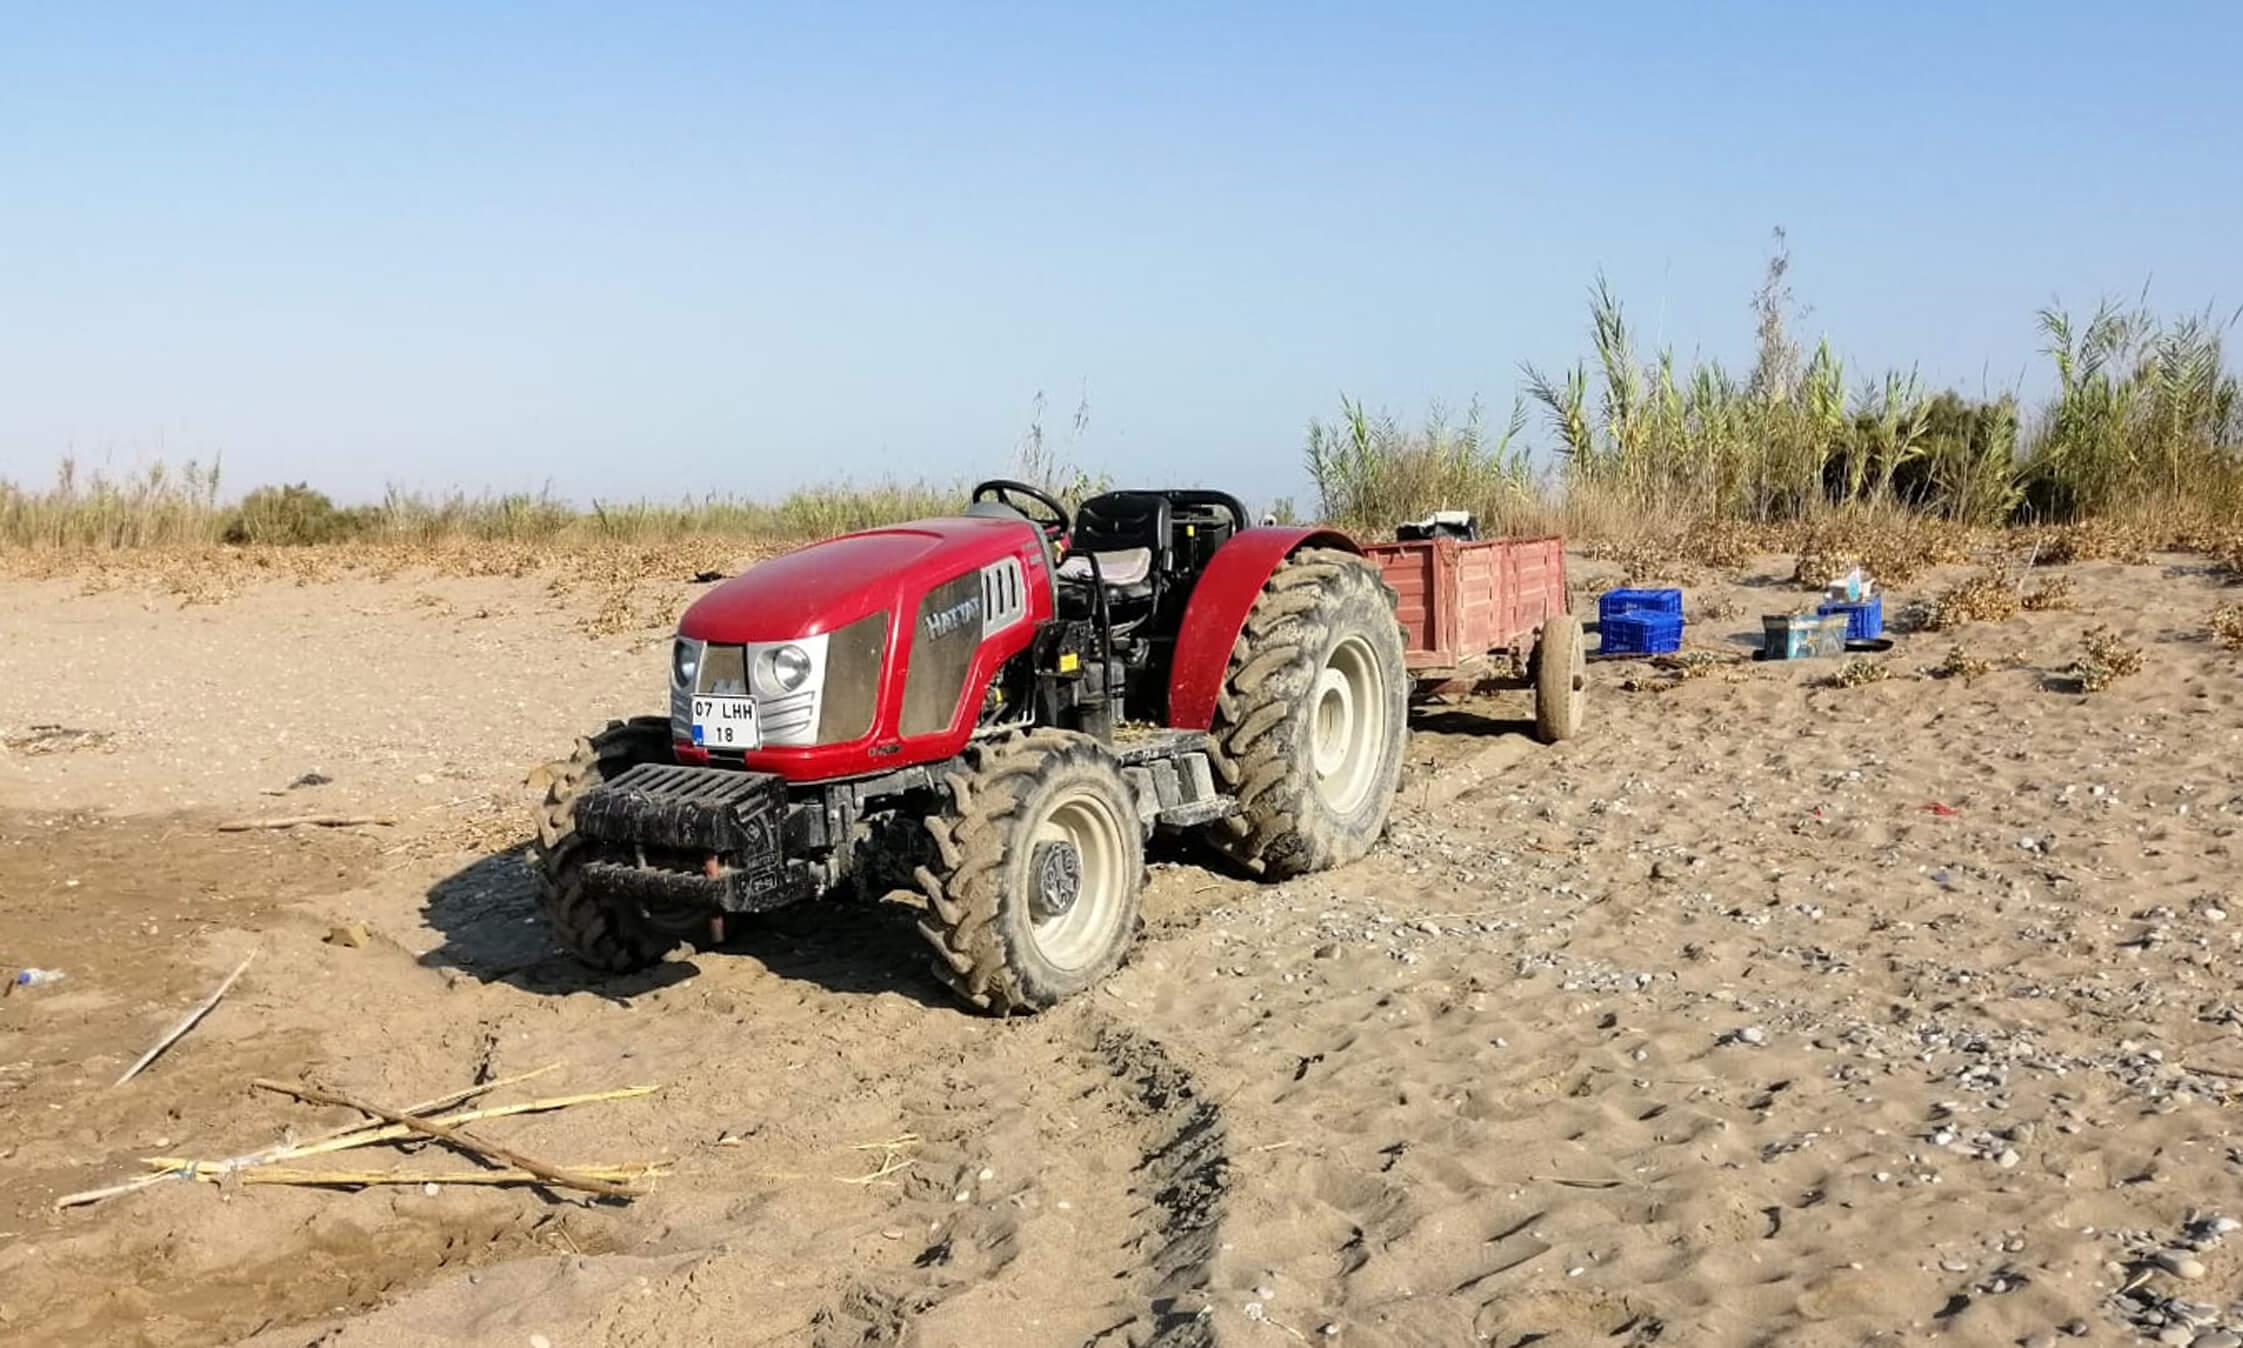 Sahile giren traktörün kumsal üzerindeki delil olarak sunulan resimlerindne biri